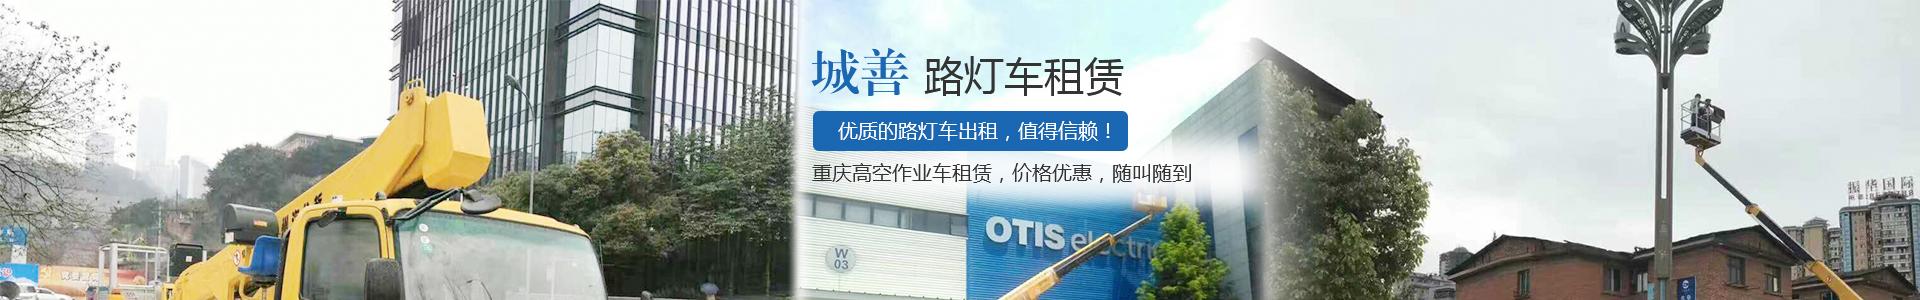 重庆高空作业车租赁